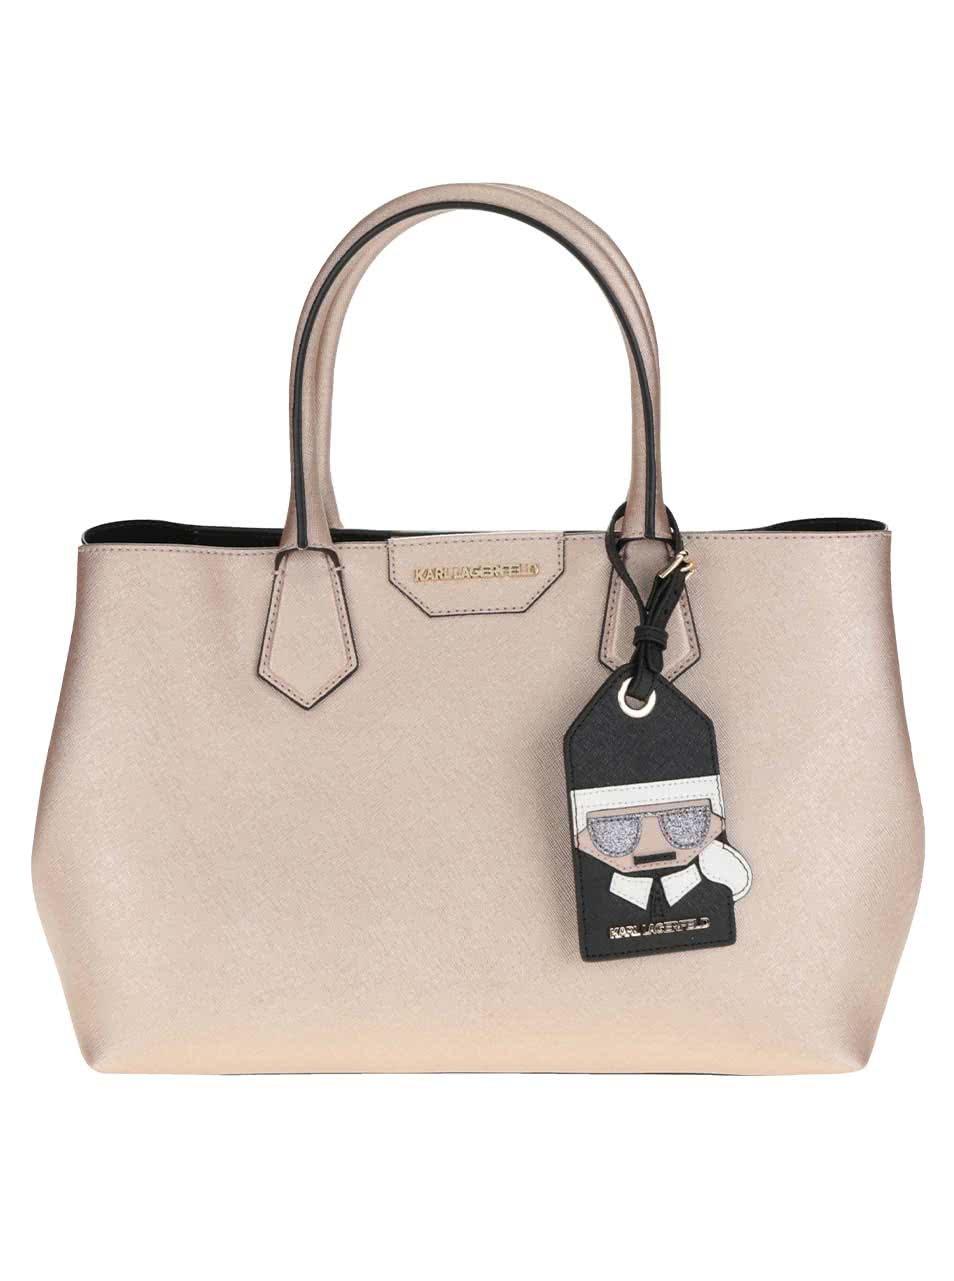 Růžová kožená kabelka s metalickými odlesky KARL LAGERFELD